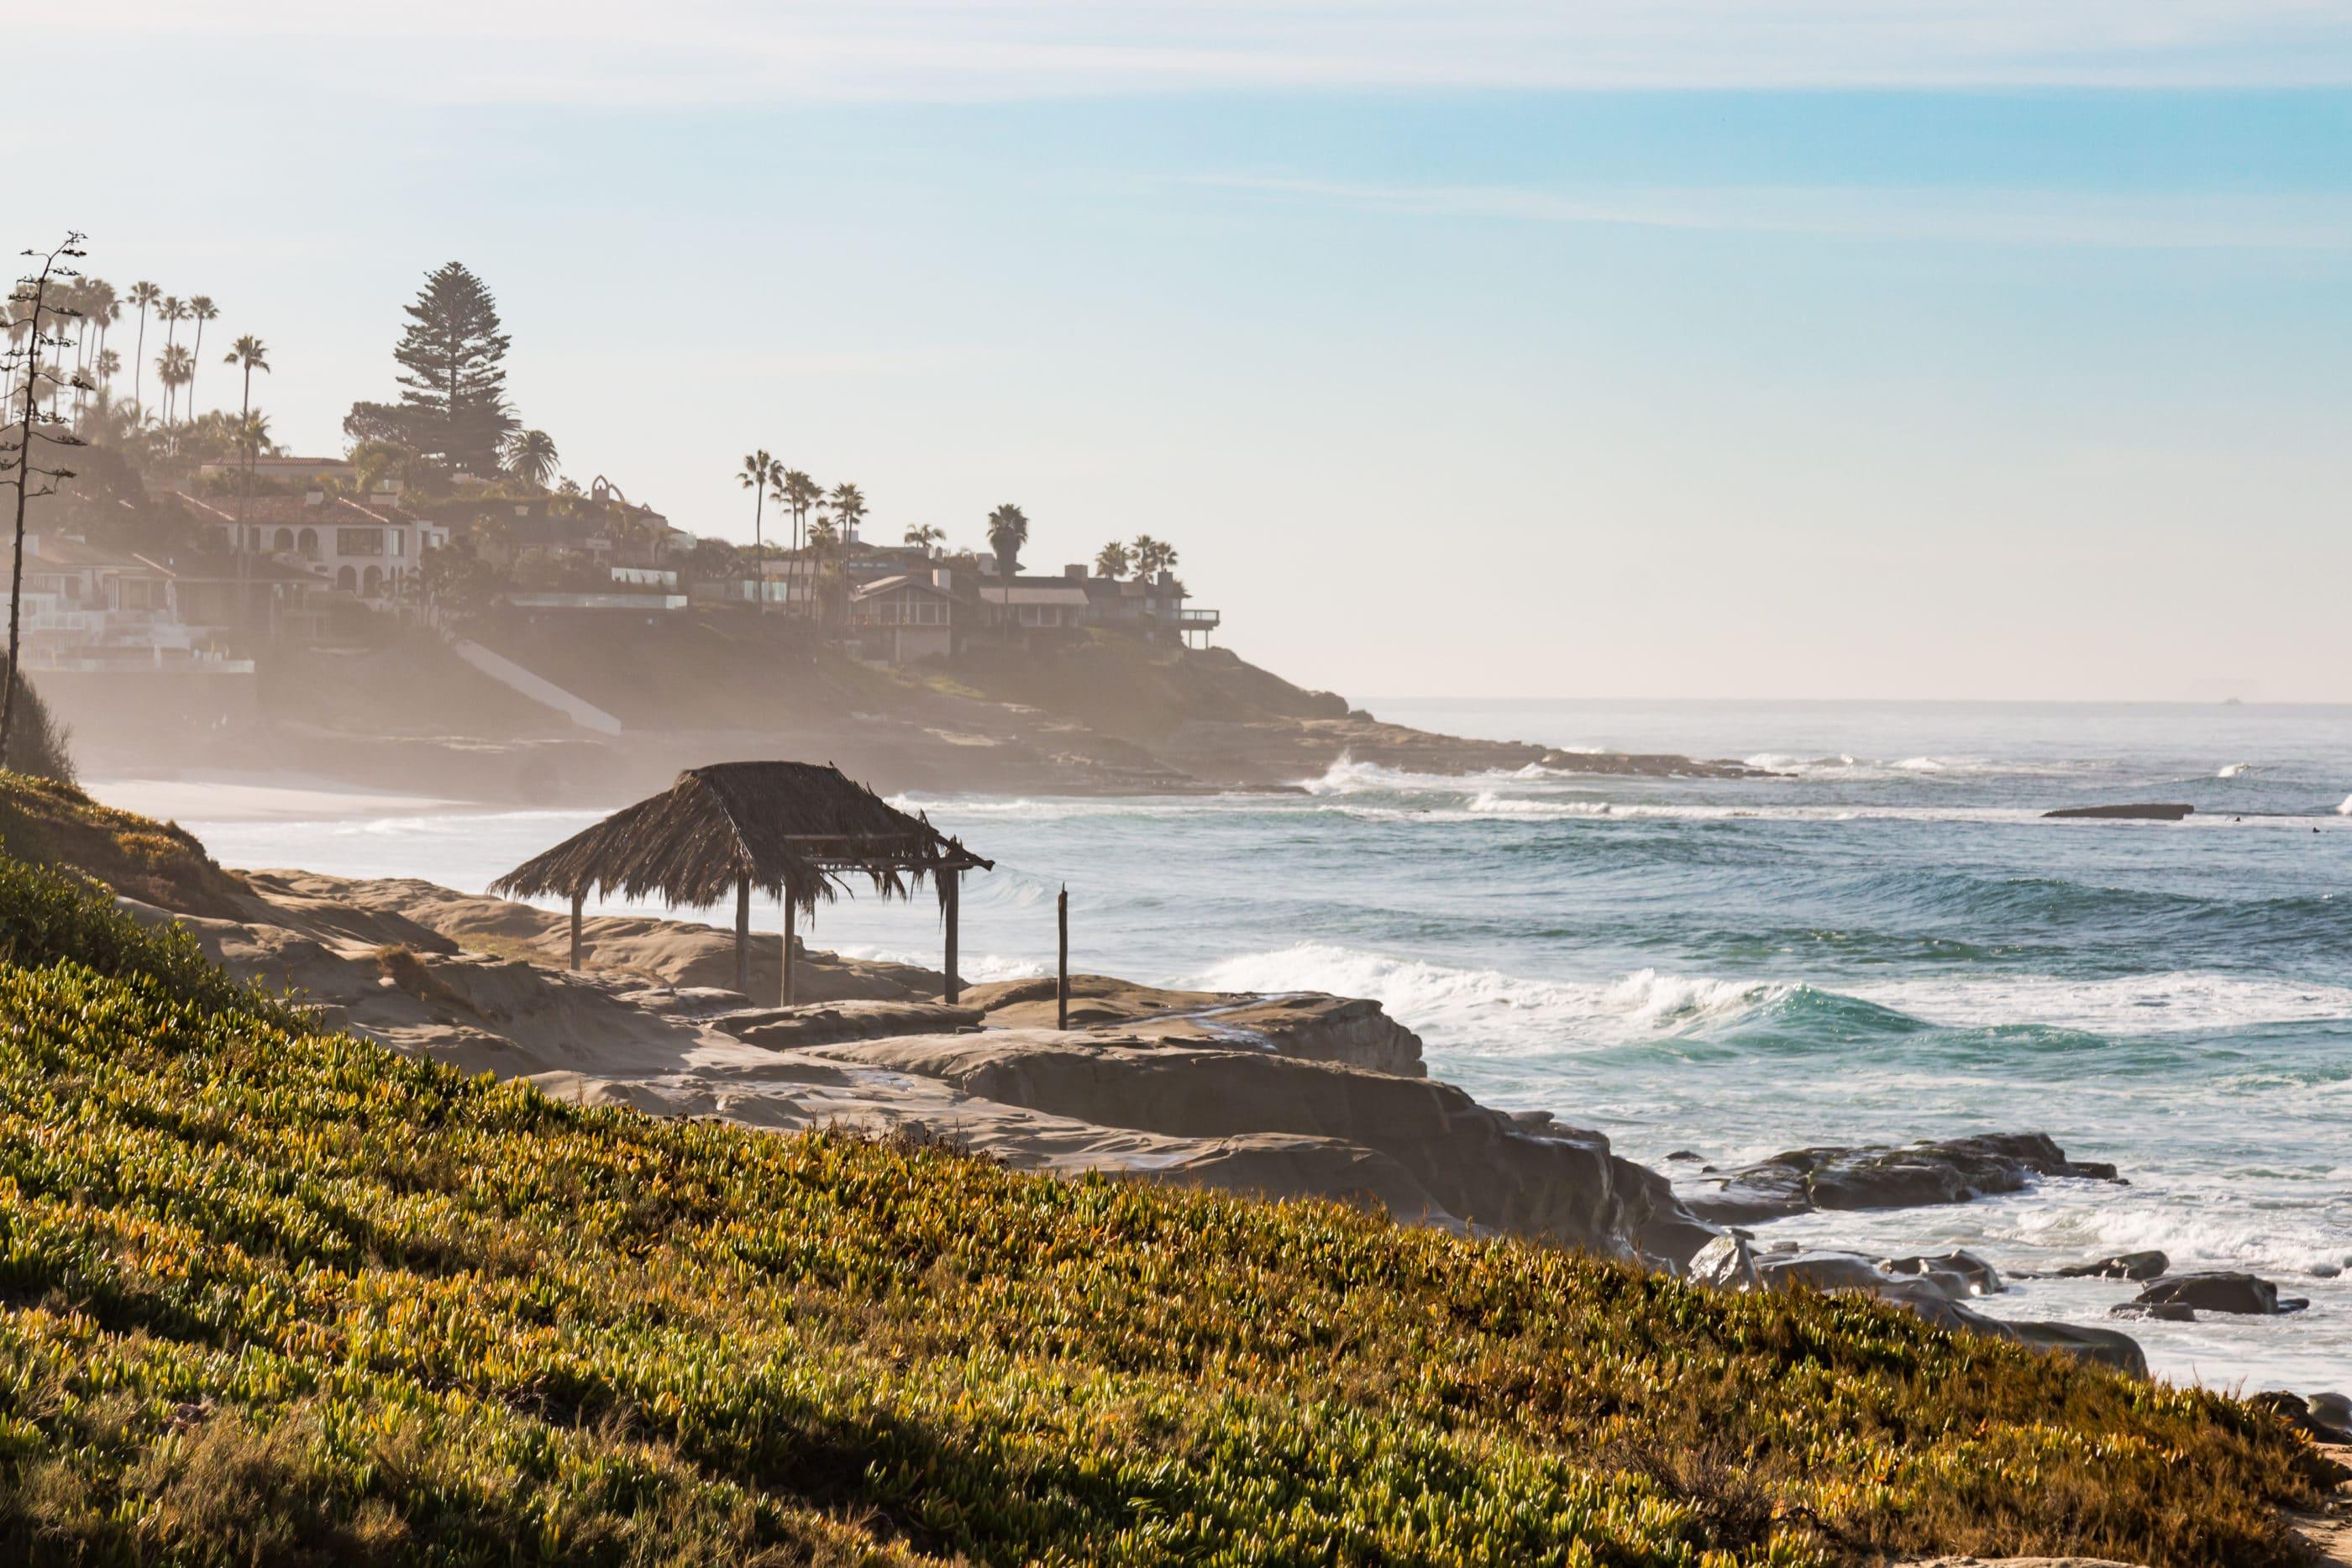 The Windansea shack overlooking the ocean.